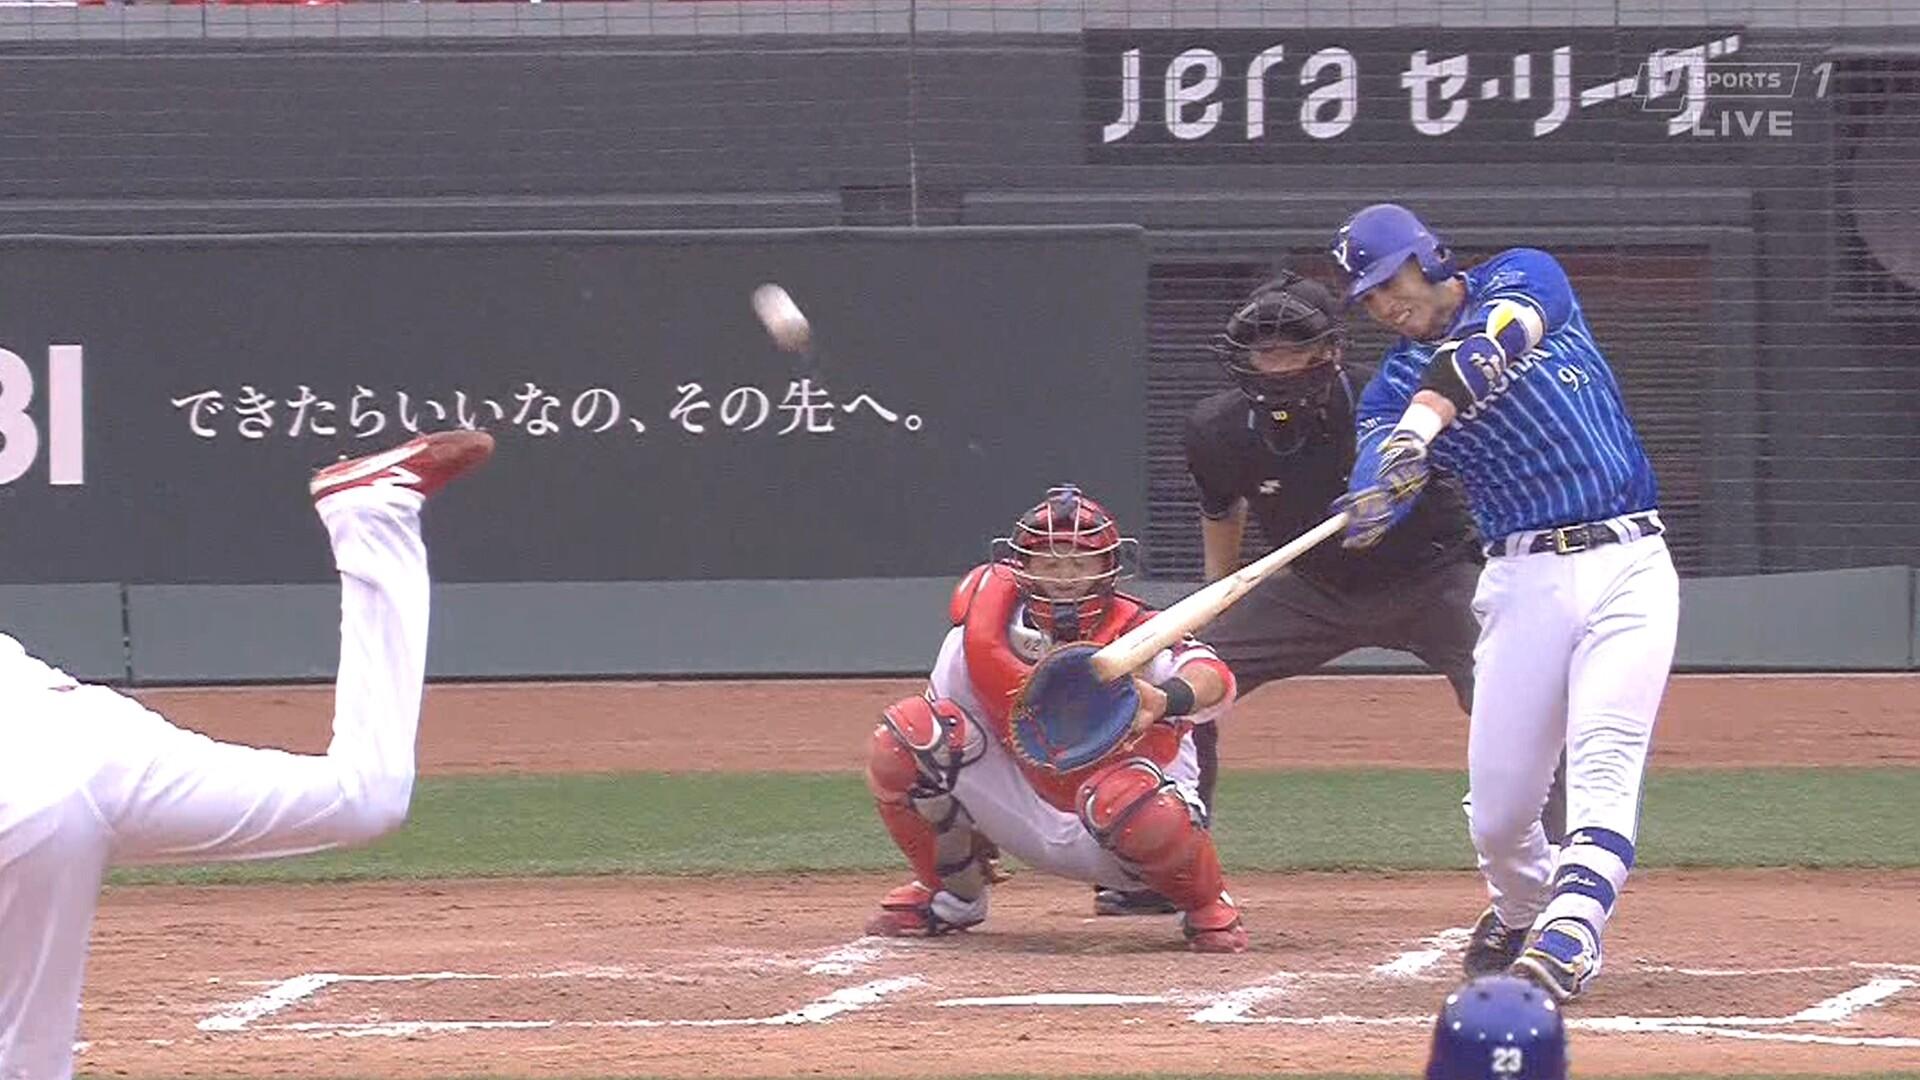 やっぱり野球はホームランなんよな ヒット打ったって意味ないんや